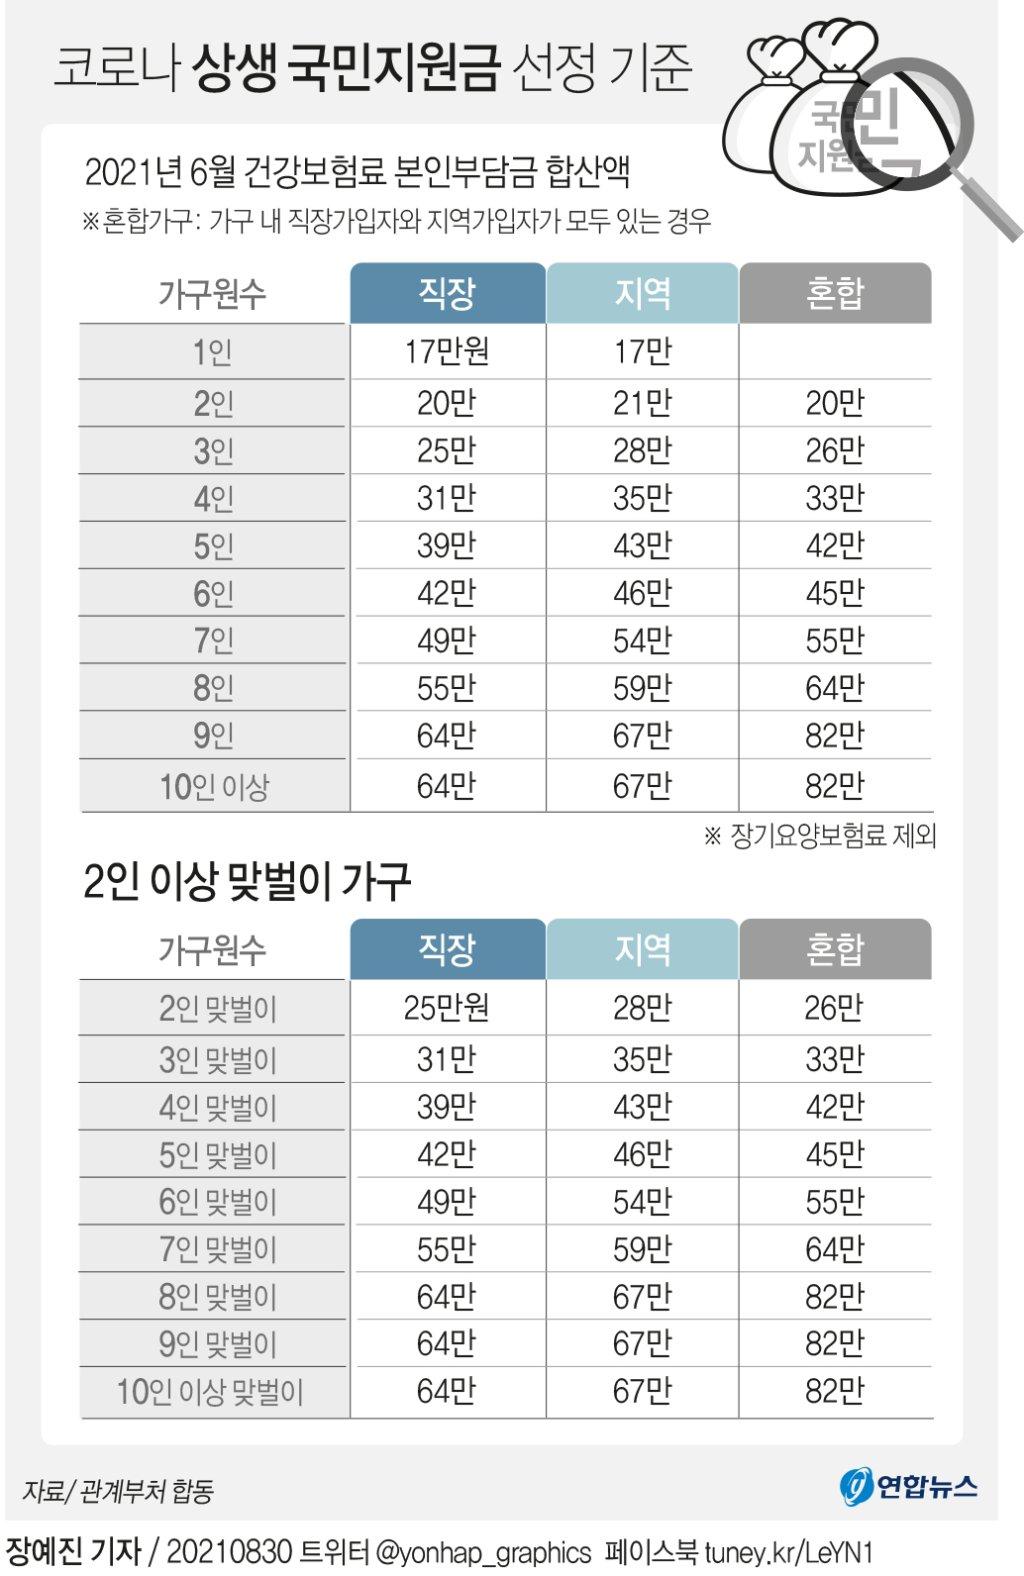 [그래픽] 코로나 상생 국민지원금 선정 기준